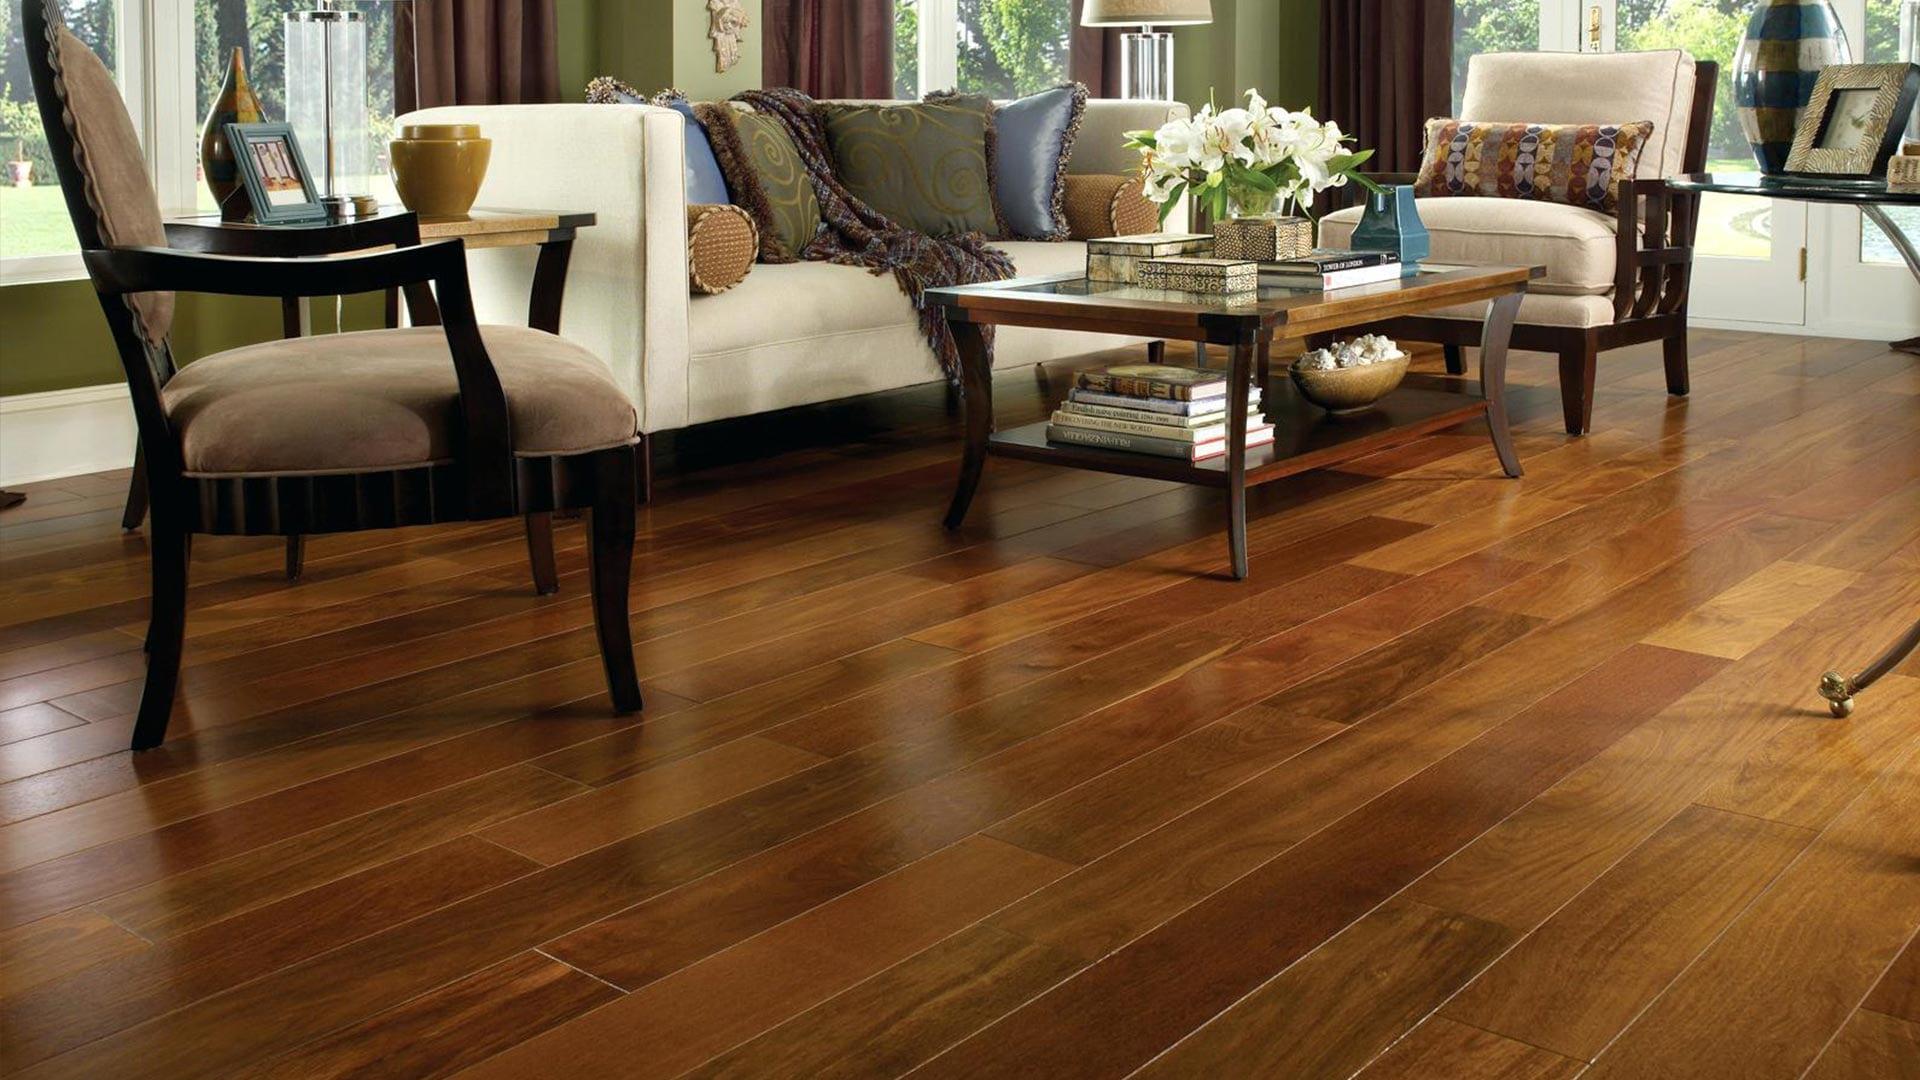 Palatine wooden floor in living room